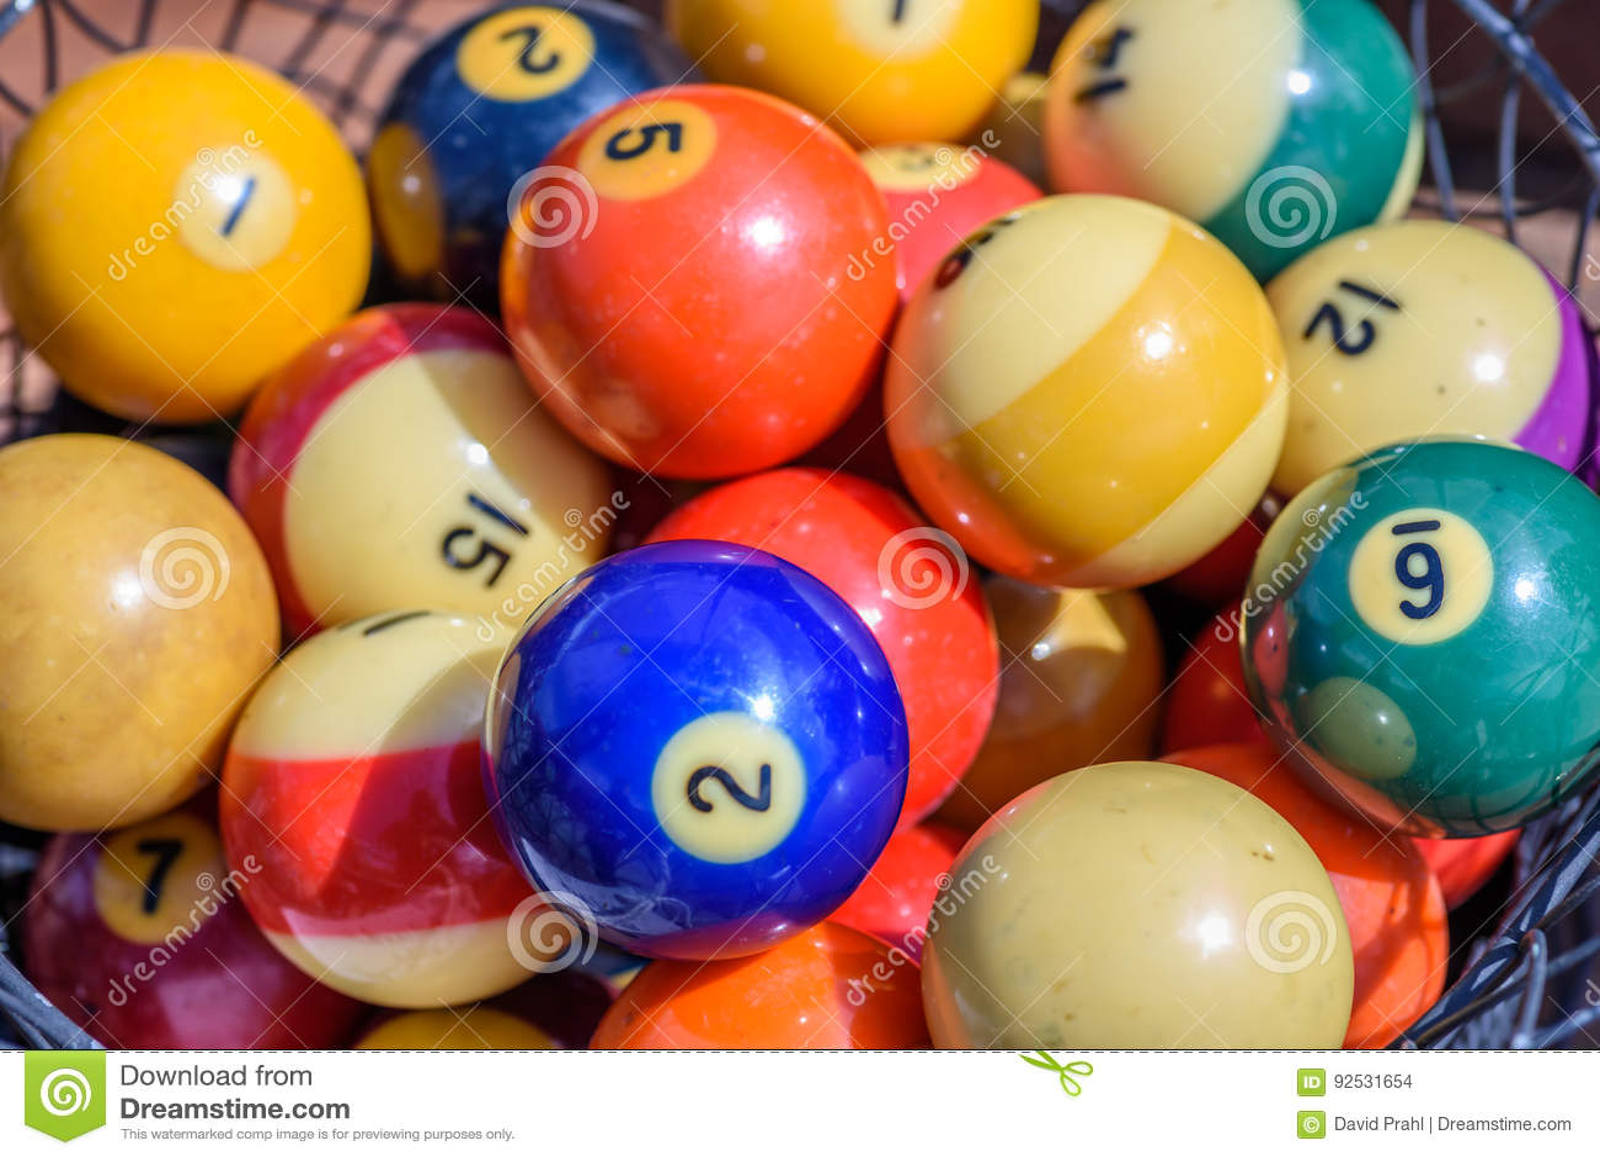 Rocznik bilardowe piłki w koszu